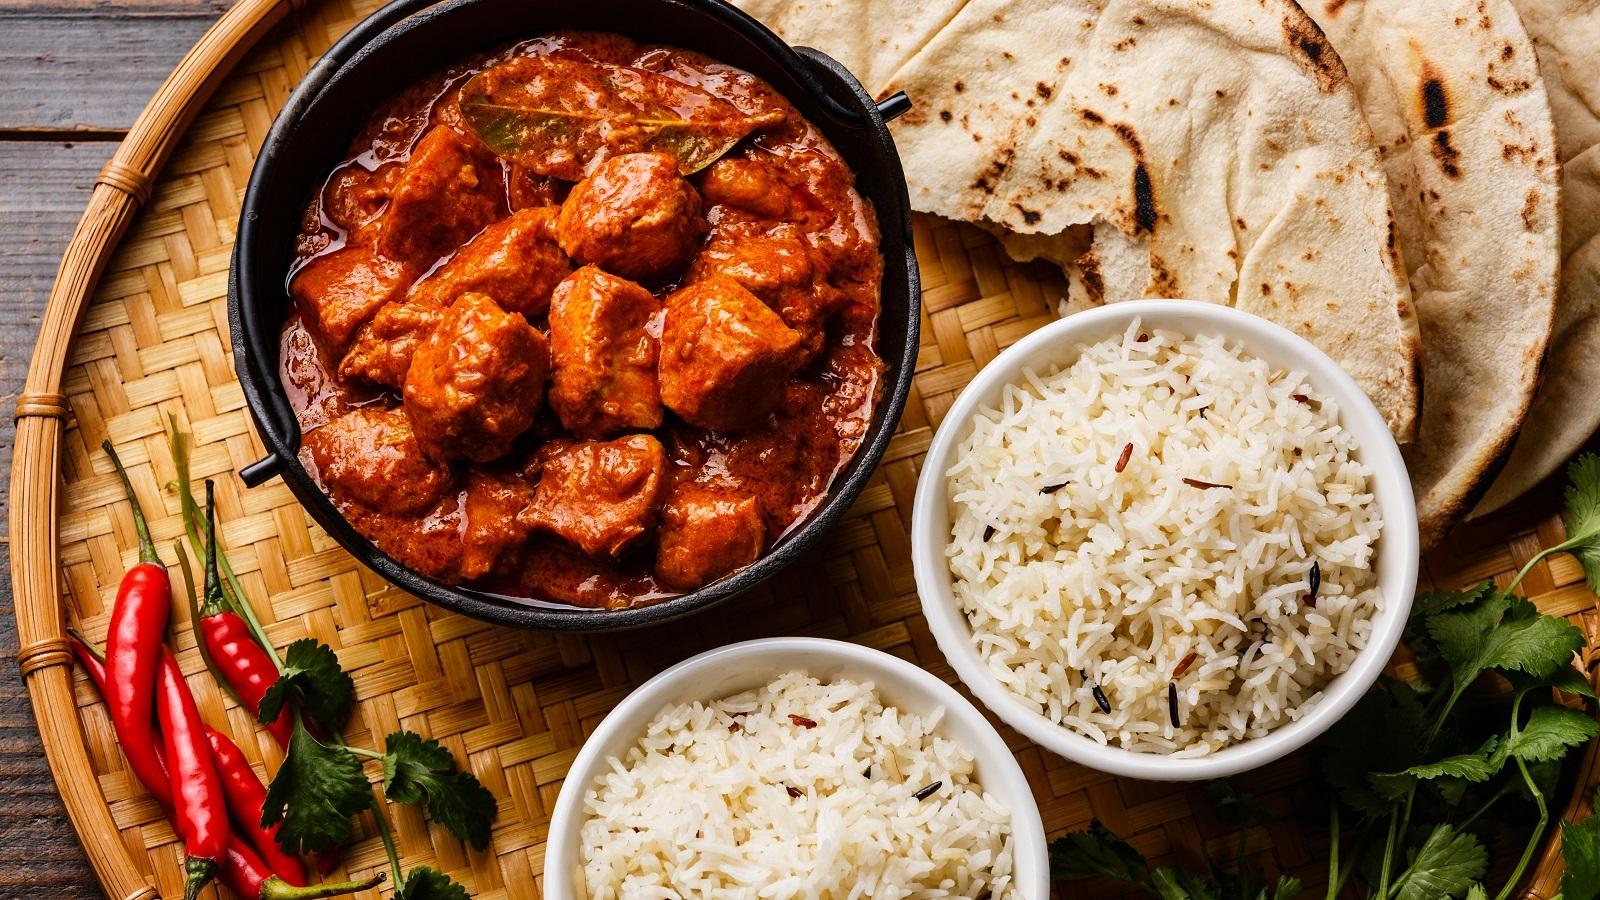 Khandoker Restaurant